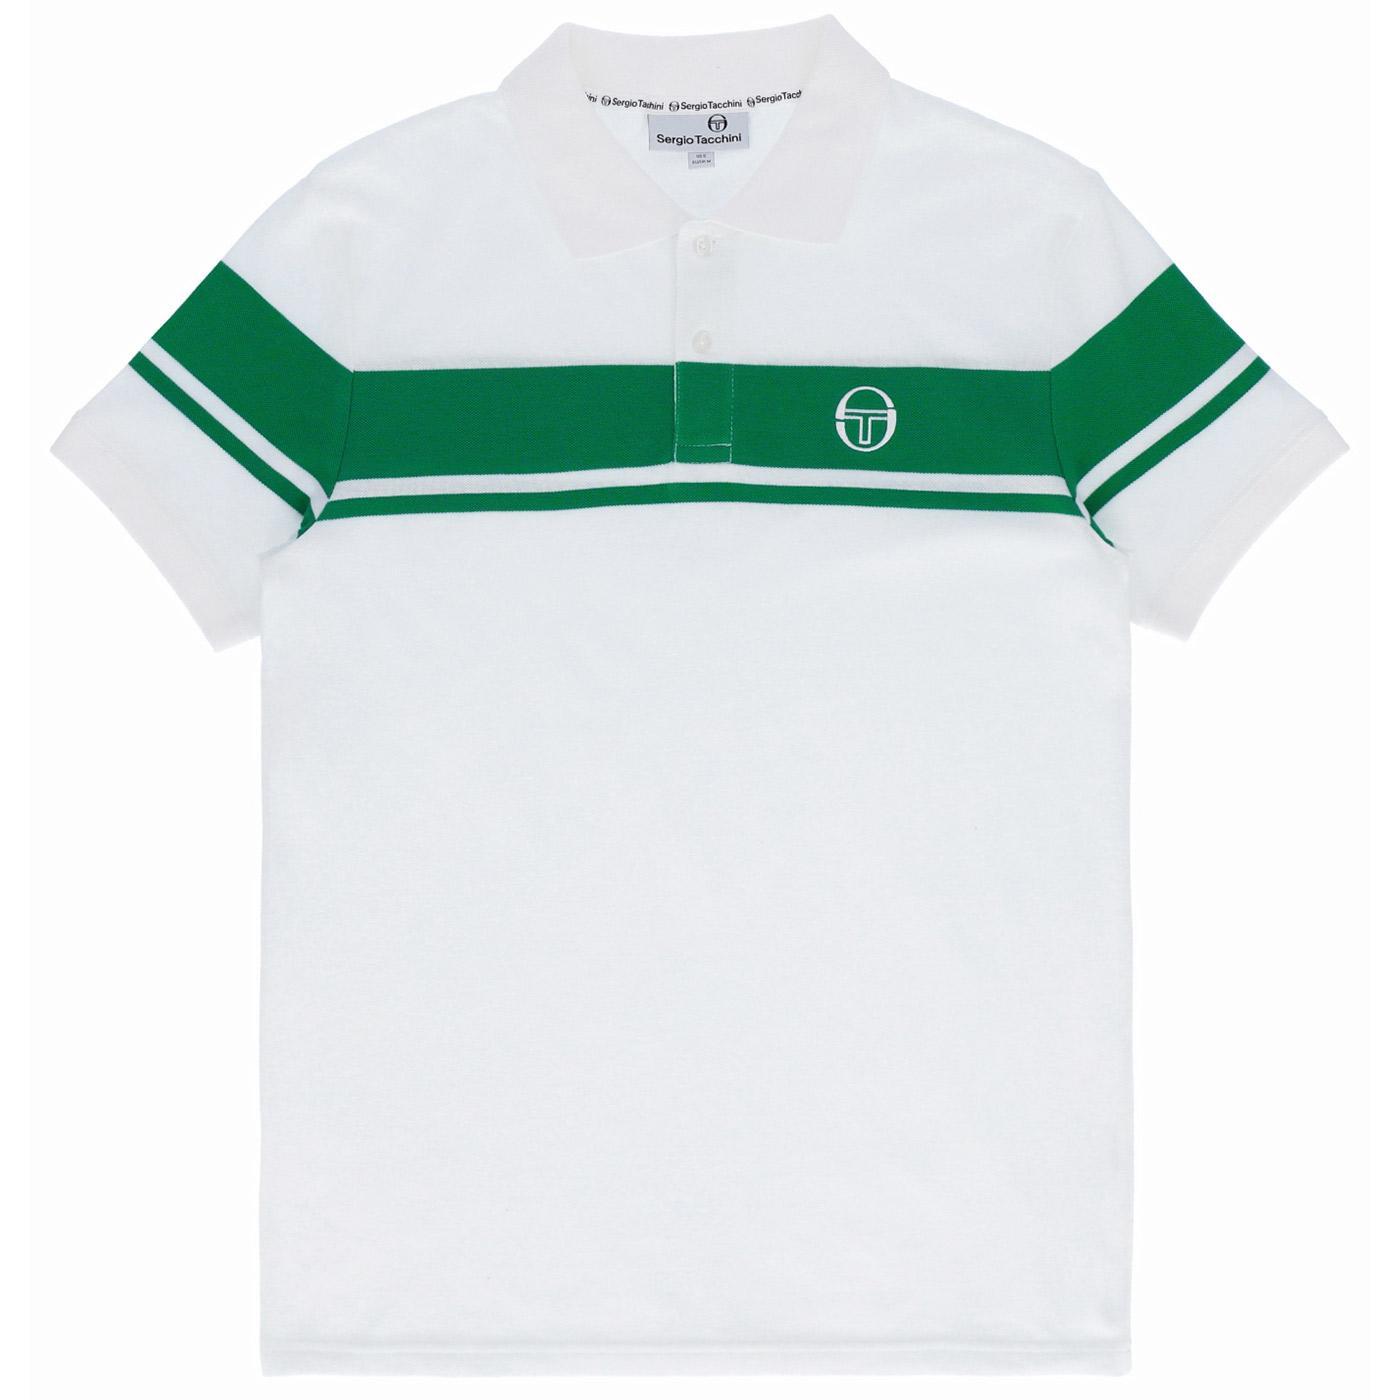 Young Line SERGIO TACCHINI Retro Stripe Polo (W/G)